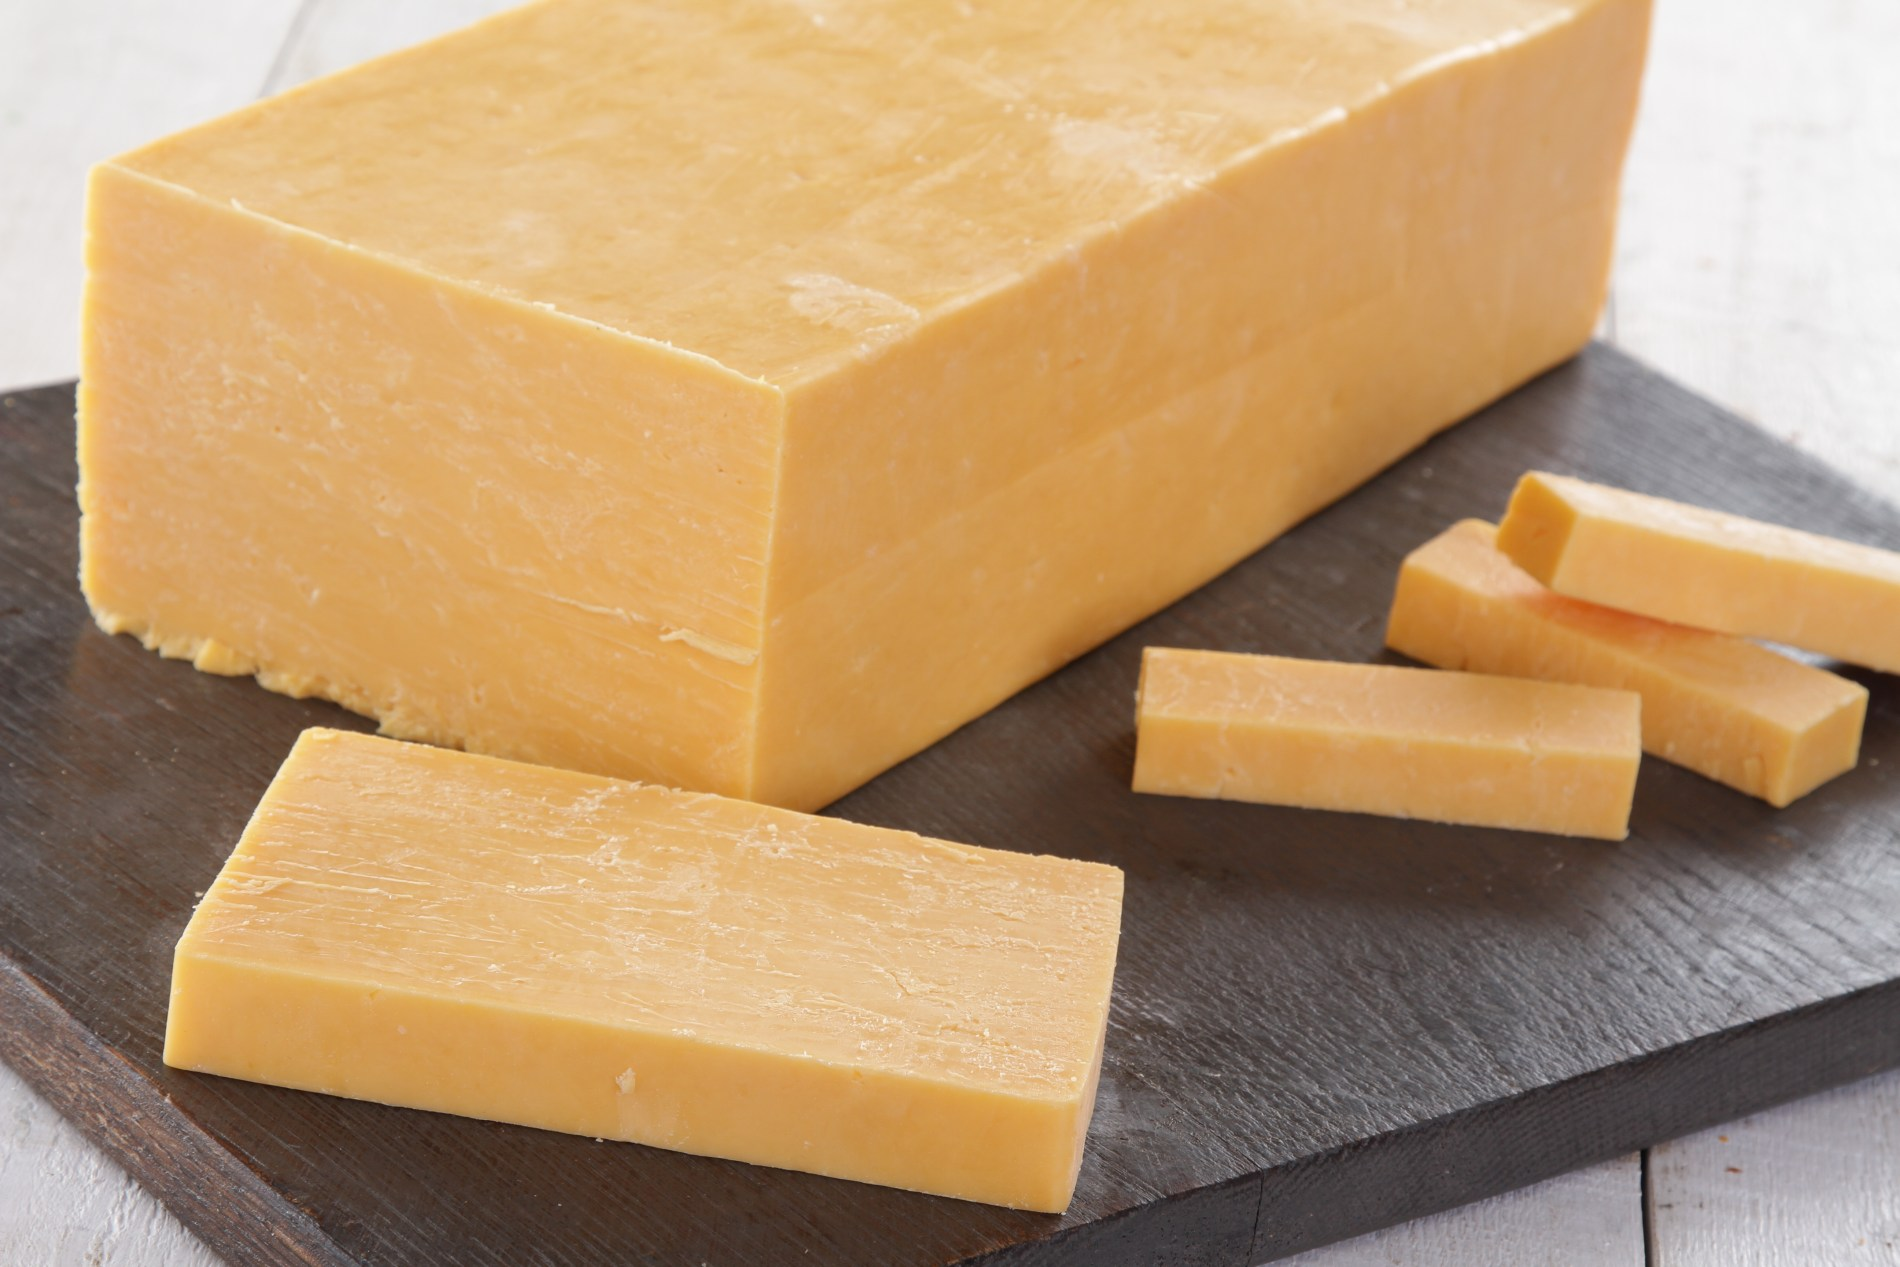 Cheddar Block 5kg